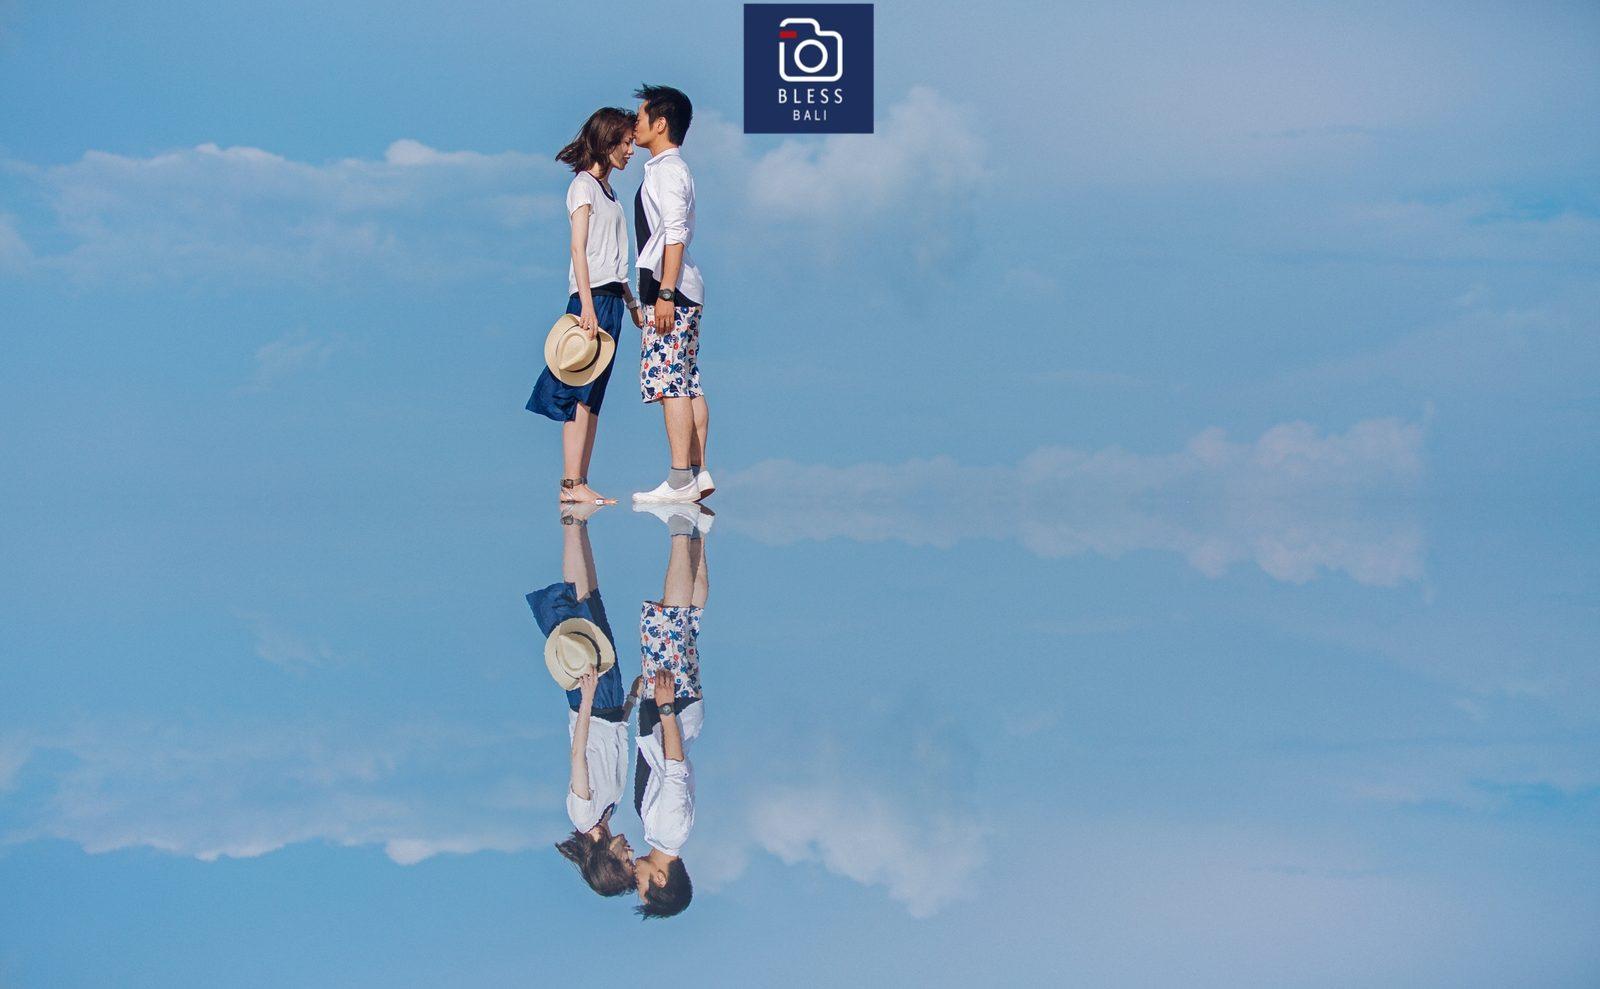 【お客様レポ#178】リゾートカジュアルで撮影。ウユニ塩湖風フォトも♡ H&J様